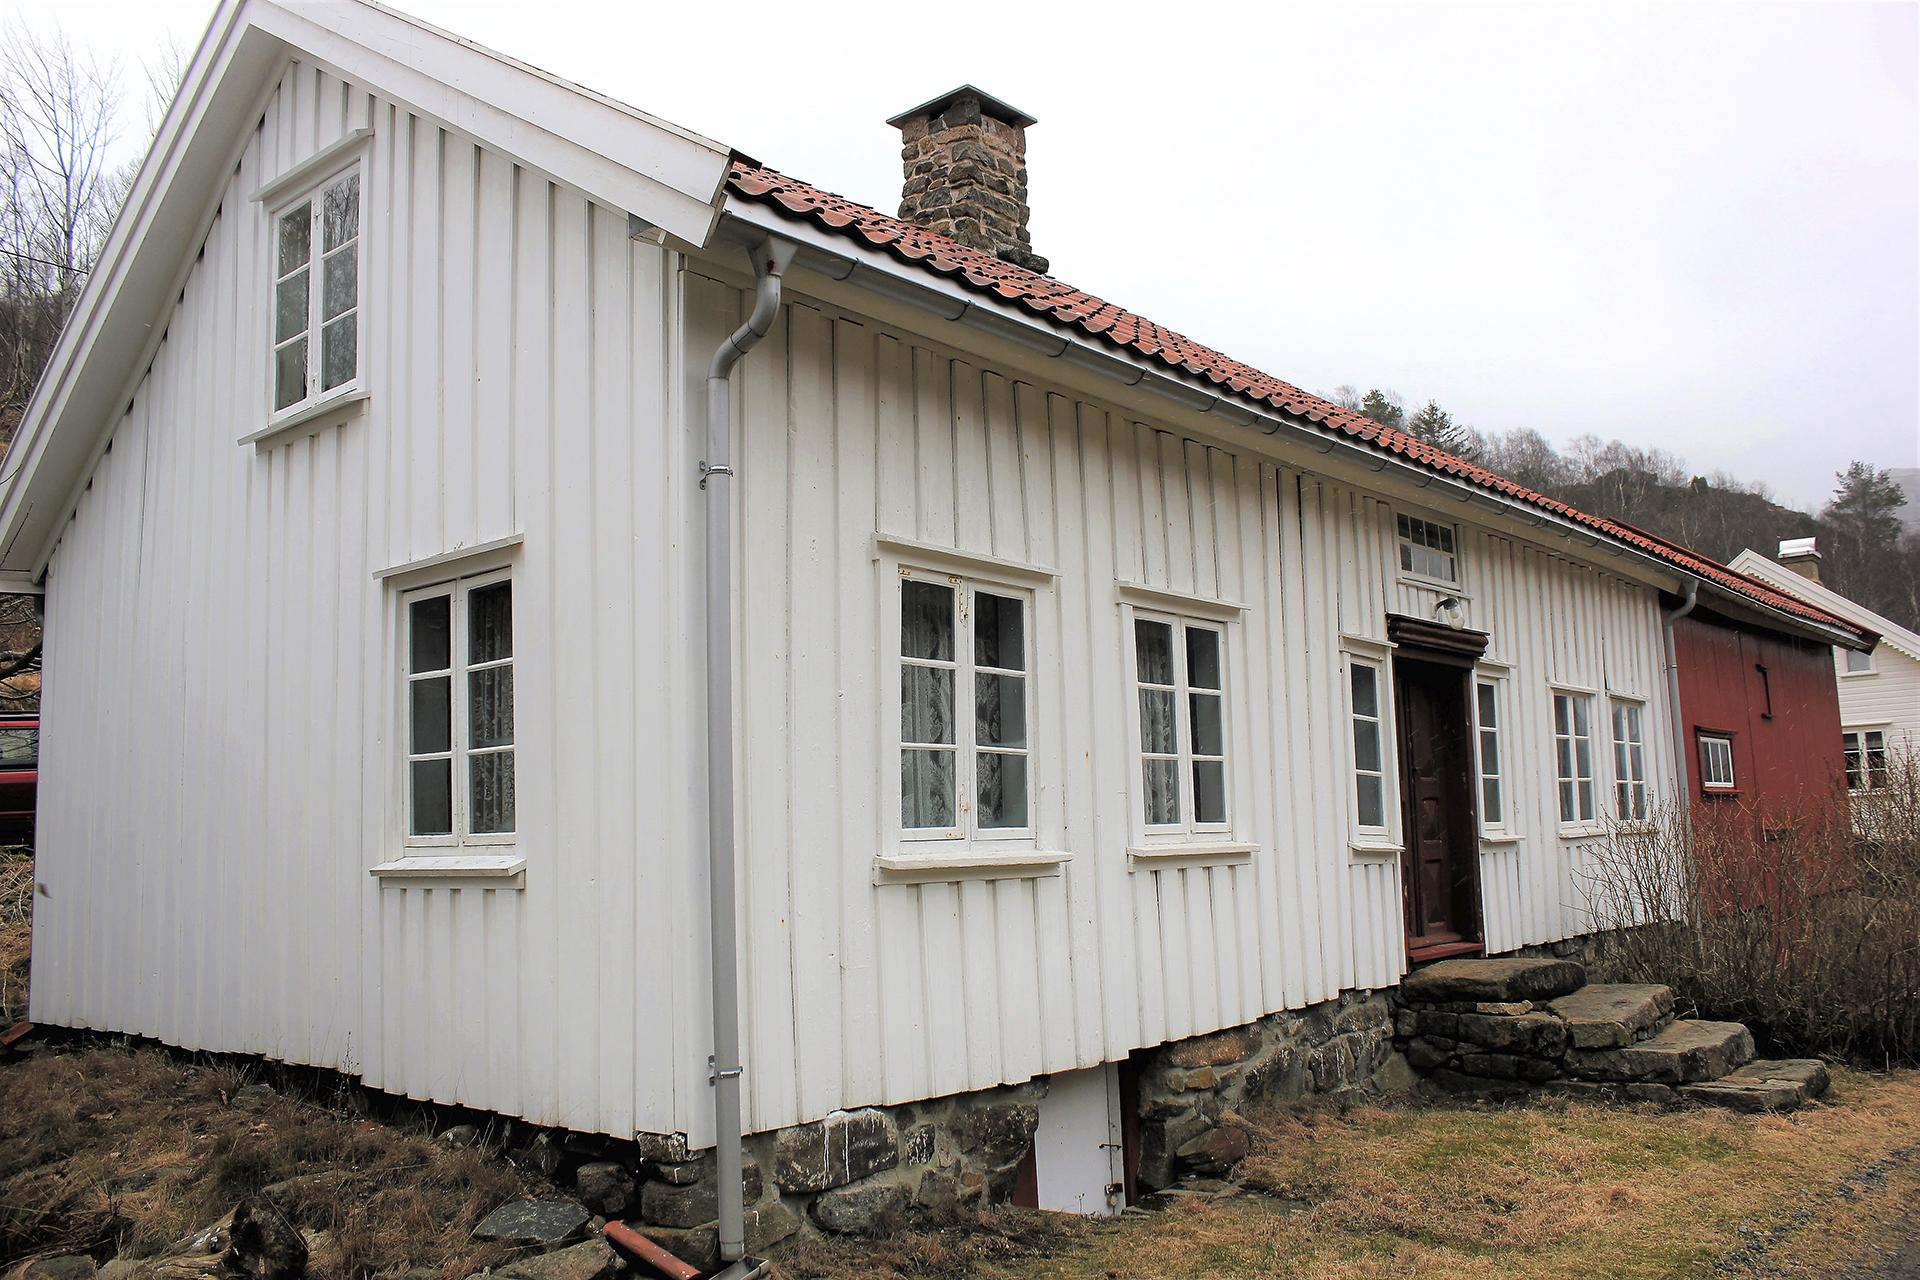 Bilde av det sammenbygde vånings- og uthuset på Sigersvoll. Foto: Bodil Paulsen, Riksantikvaren